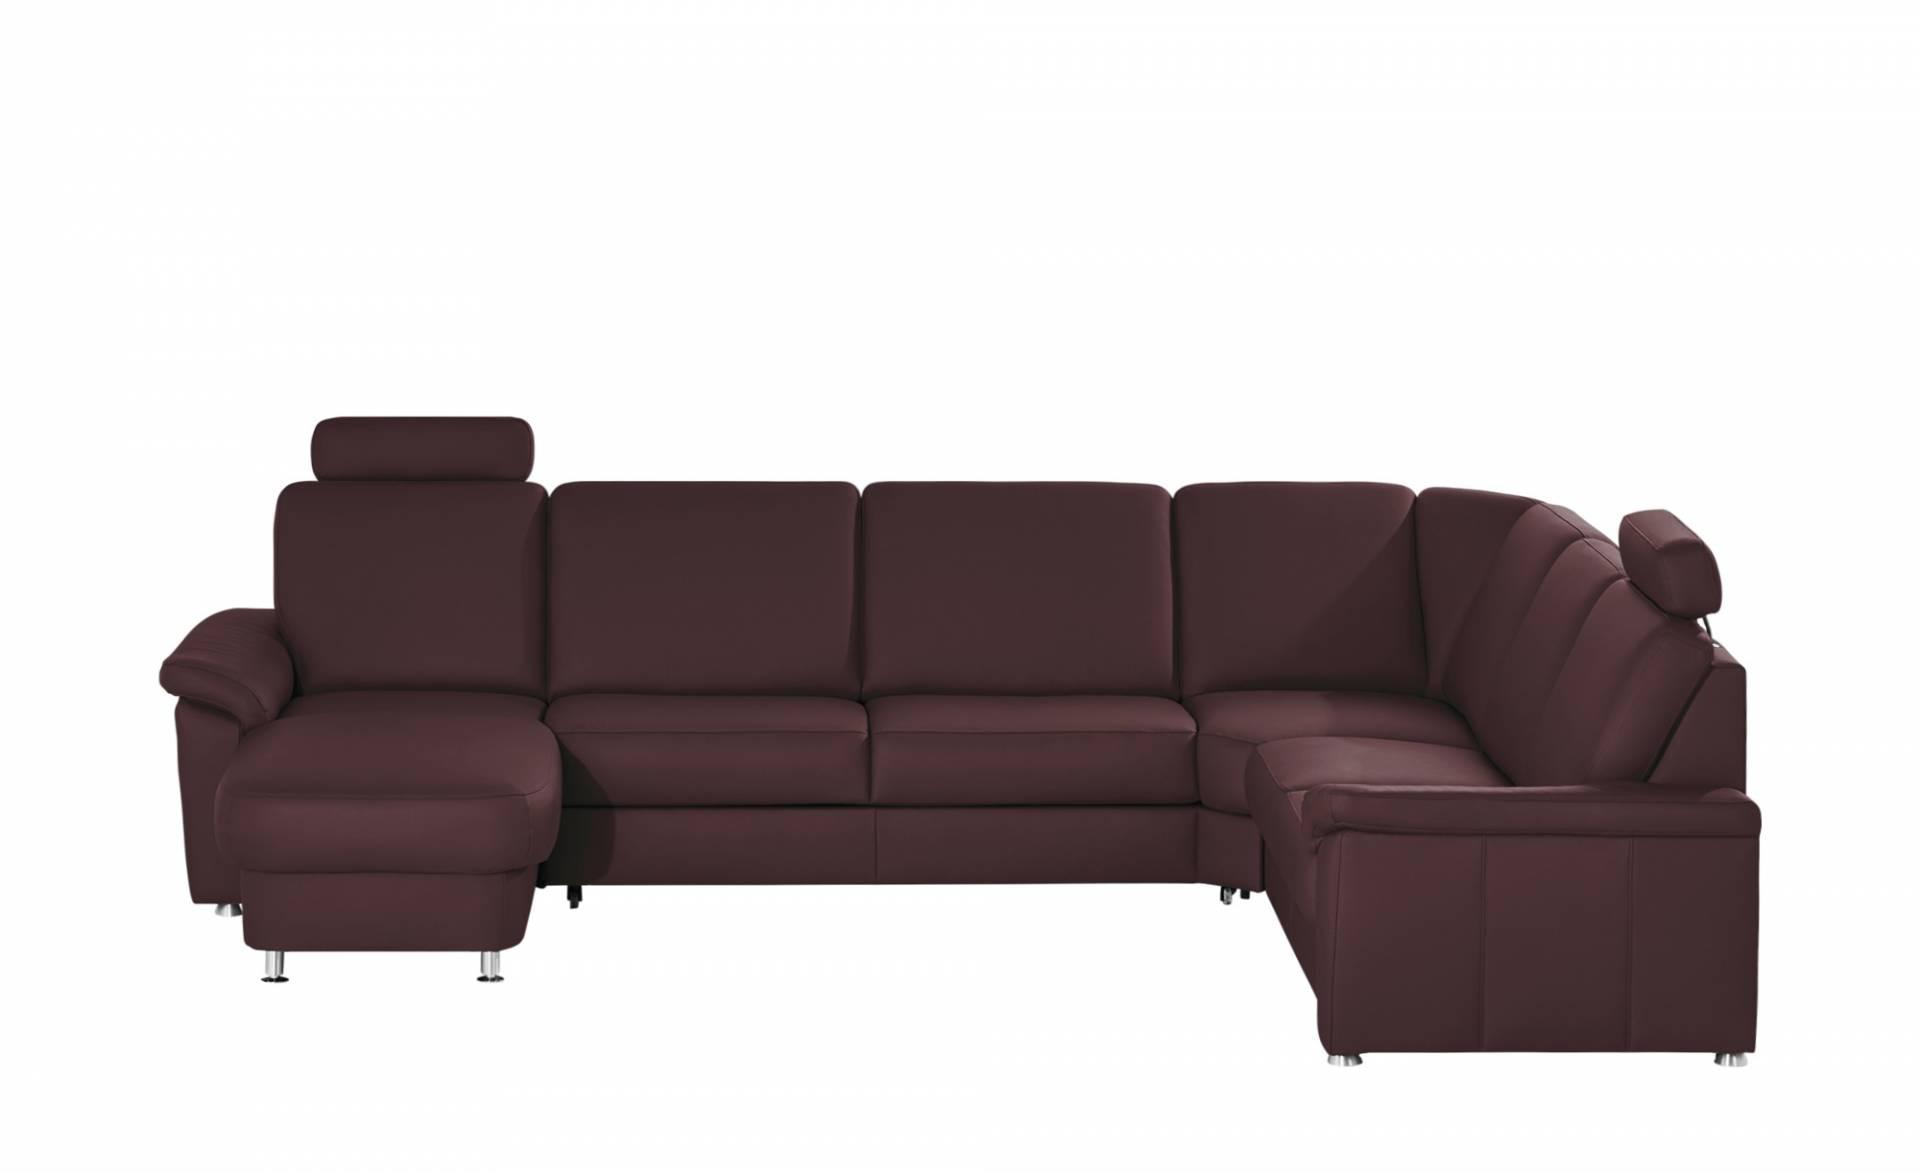 lila ledersofas und weitere sofas couches g nstig online kaufen bei m bel garten. Black Bedroom Furniture Sets. Home Design Ideas